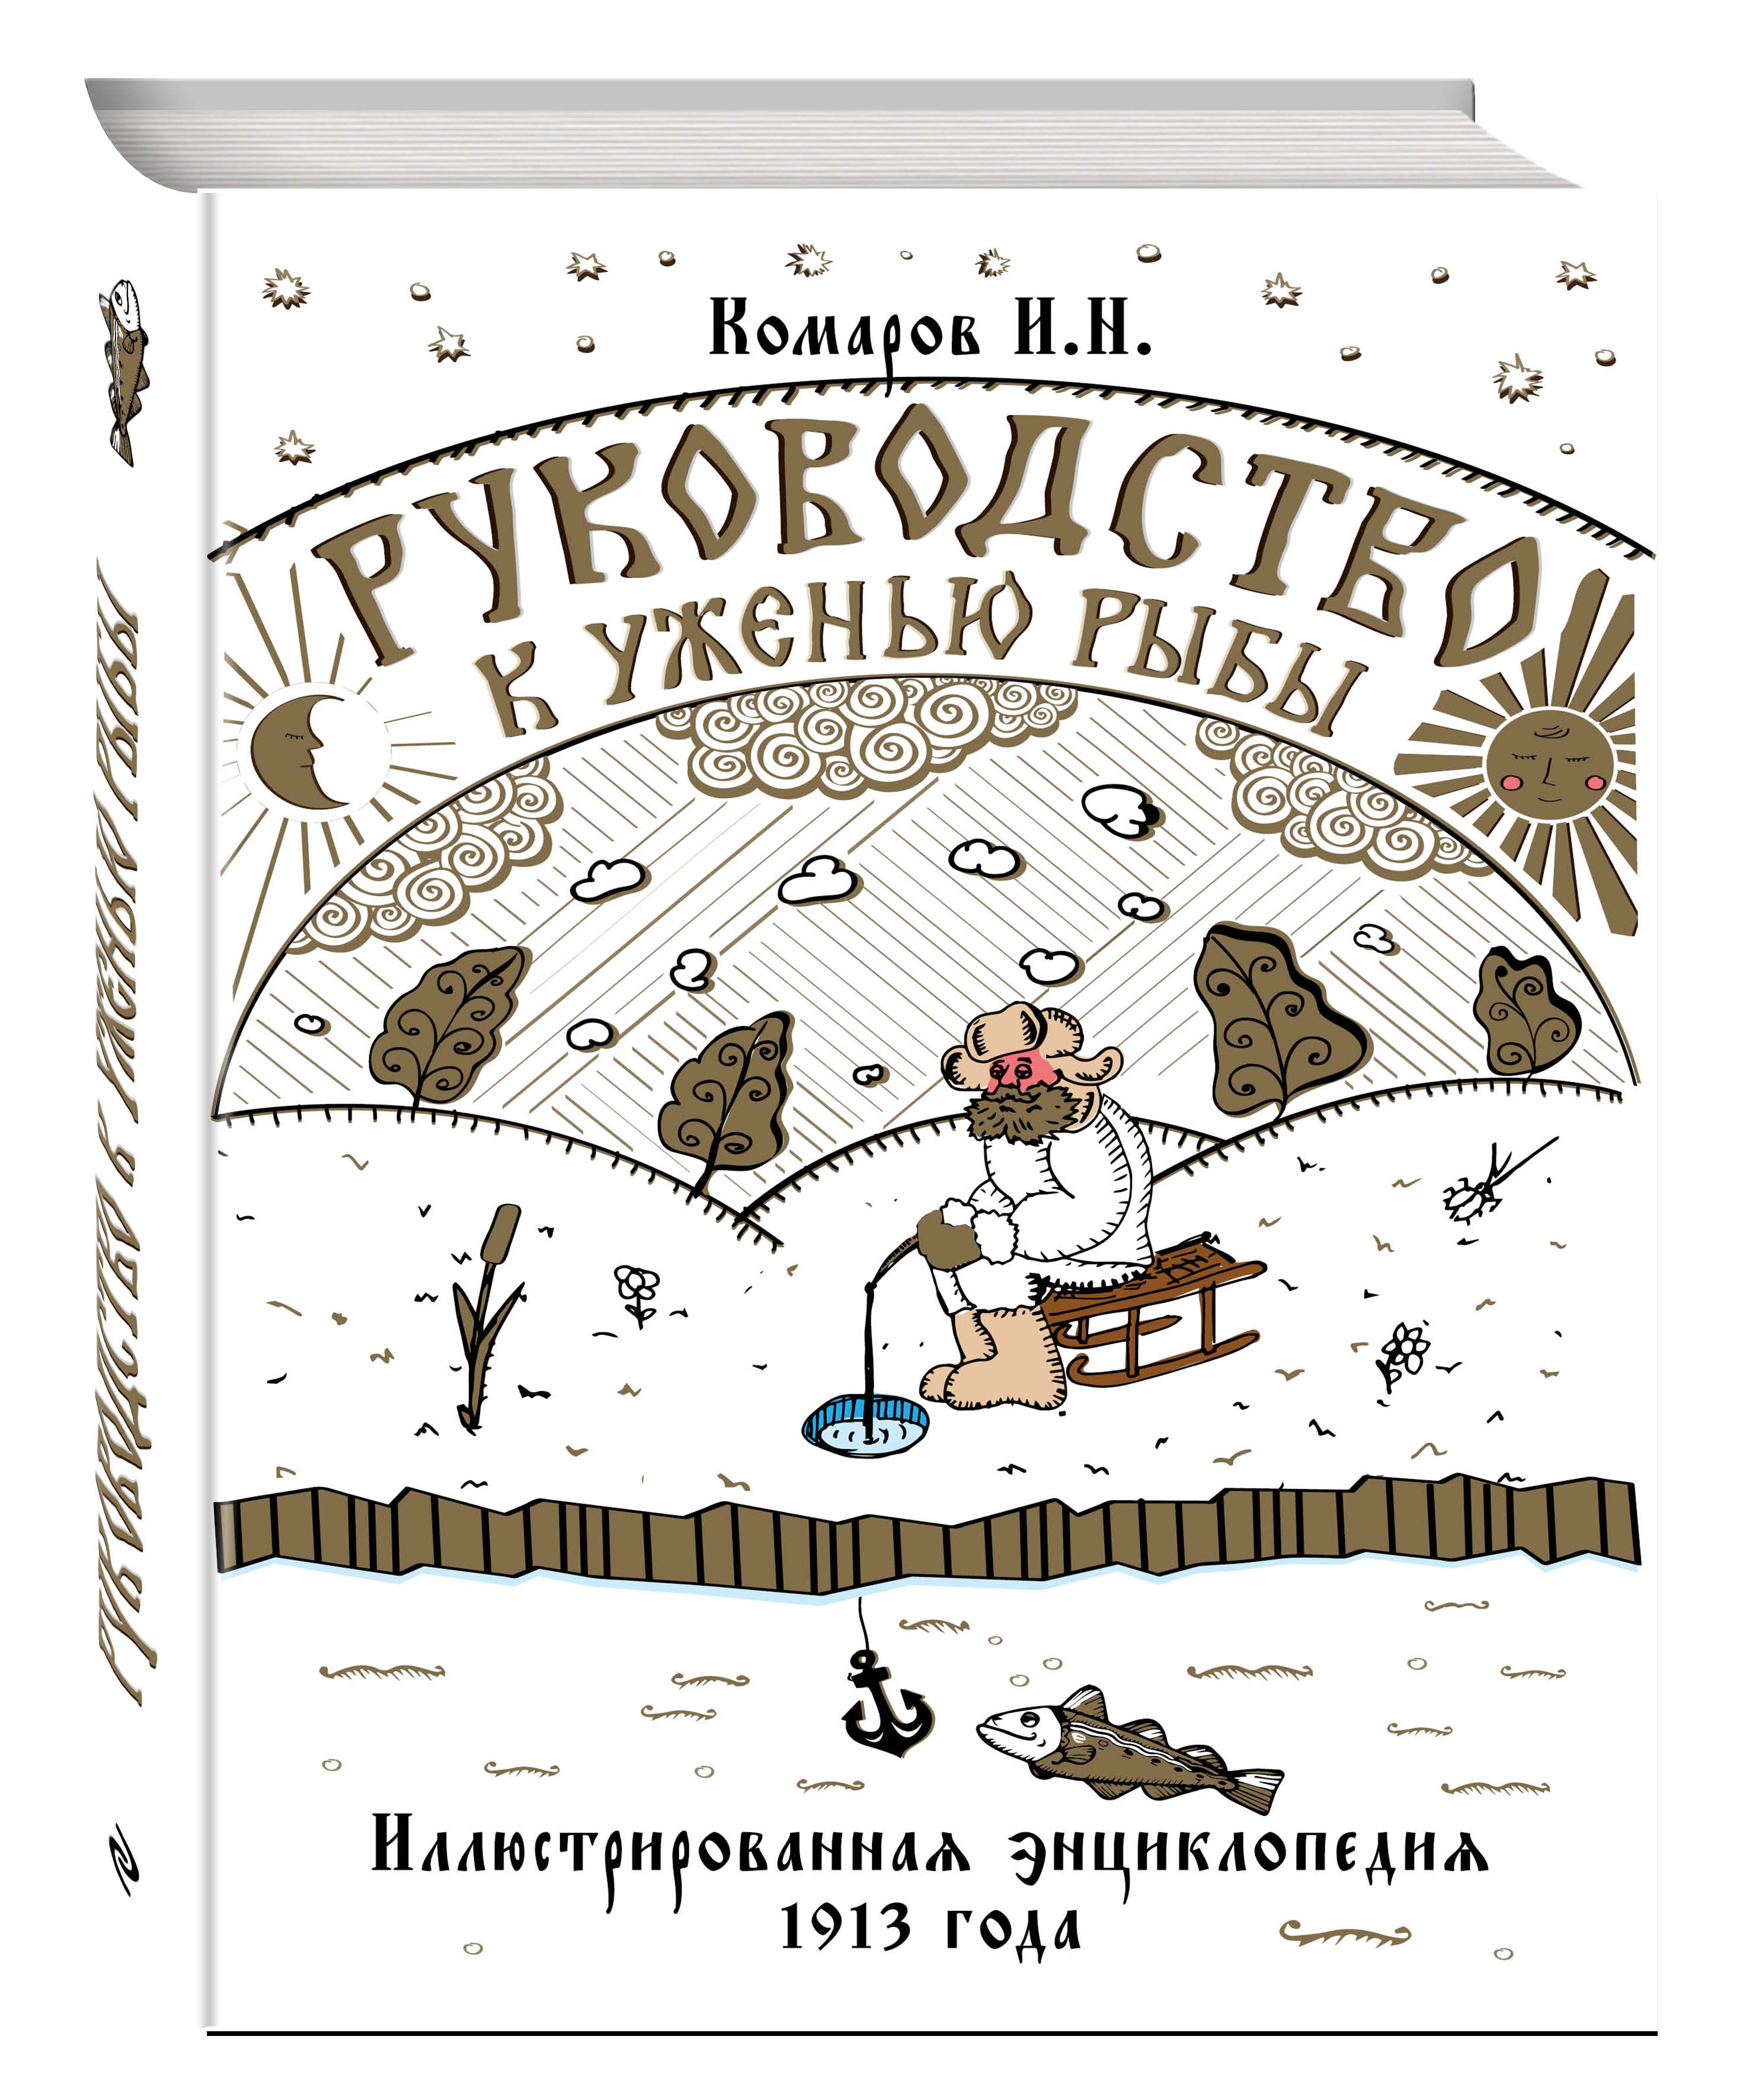 Руководство к уженью рыбы. Иллюстрированная энциклопедия XIX века ( Комаров И.Н.  )